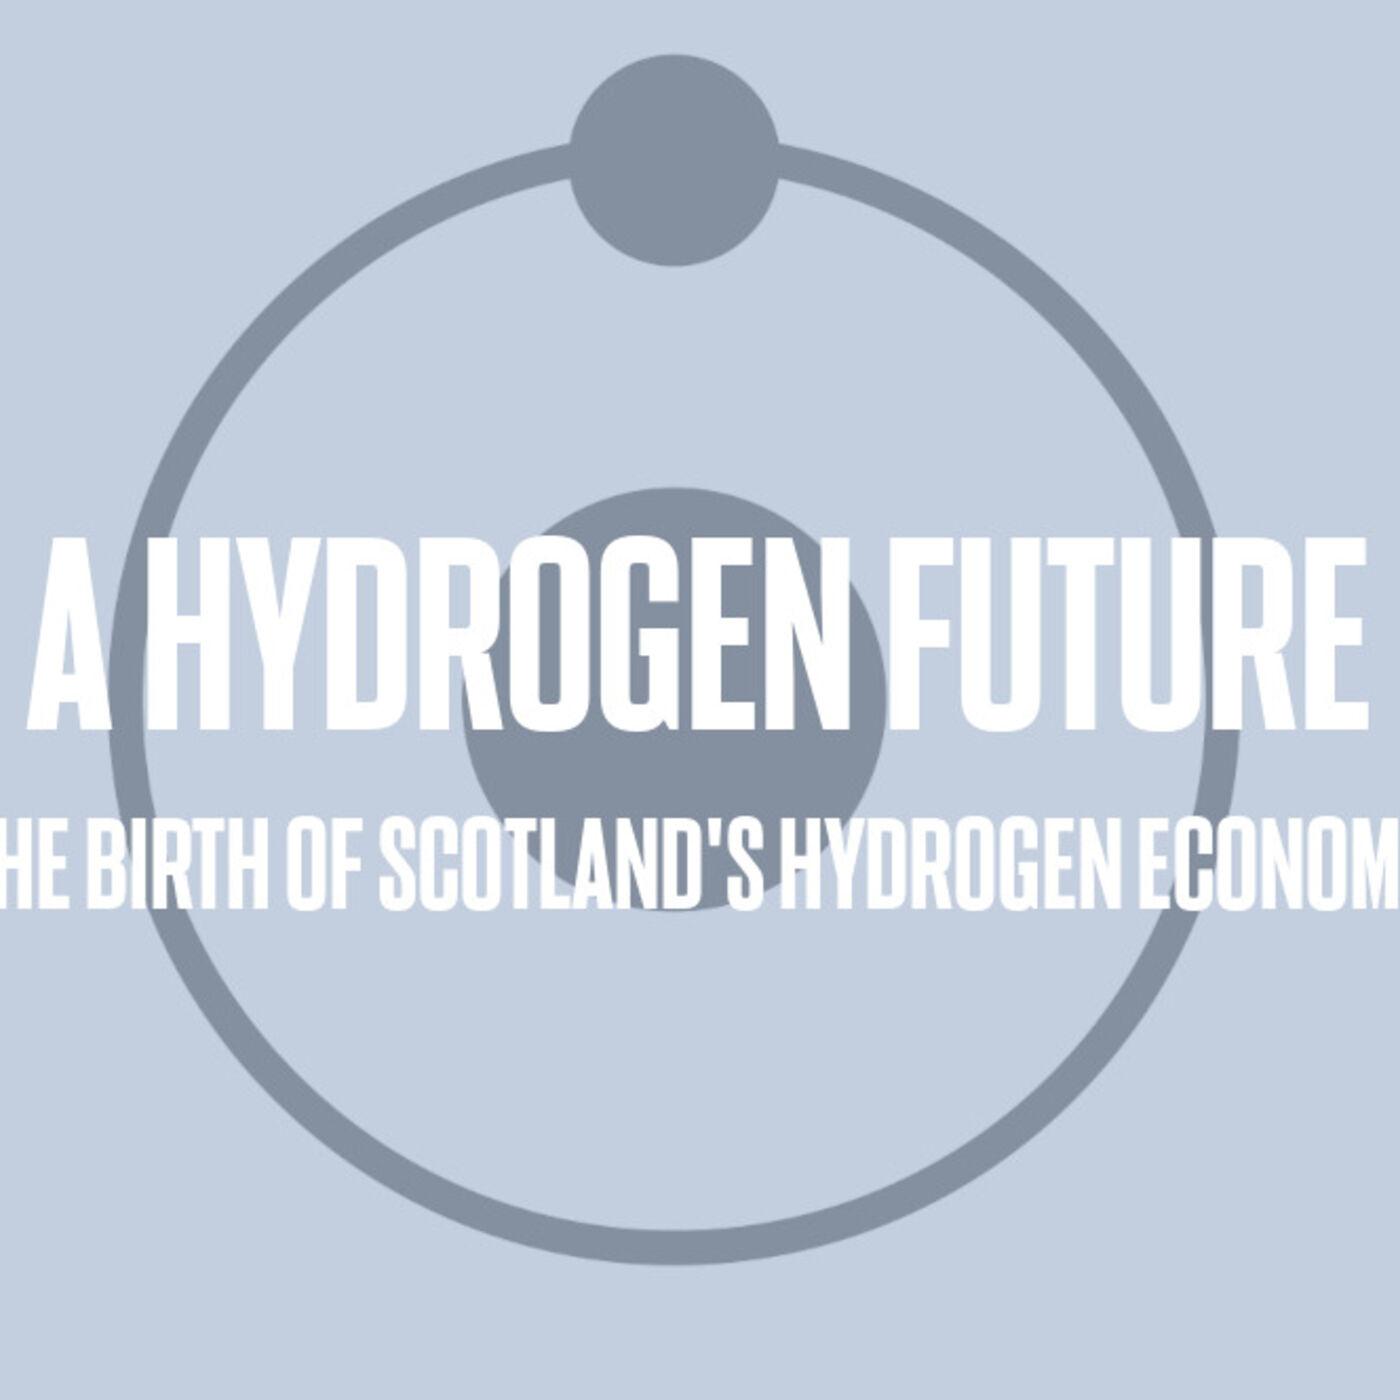 Episode #72 - A Hydrogen Future